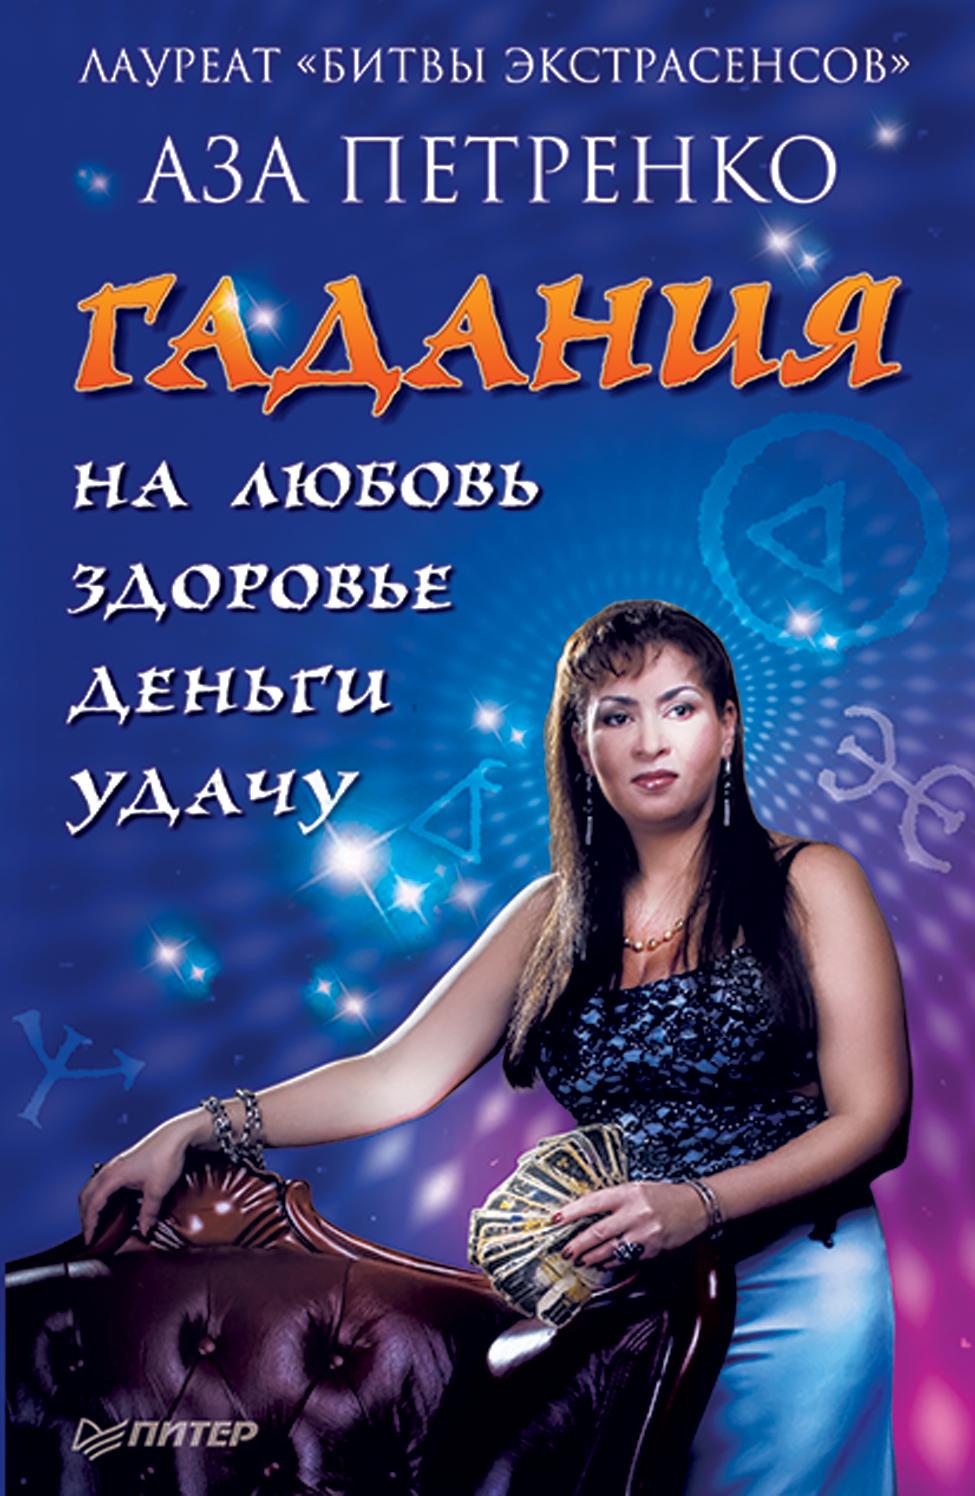 купить Аза Петренко Гадания на любовь, здоровье, деньги и удачу по цене 49 рублей